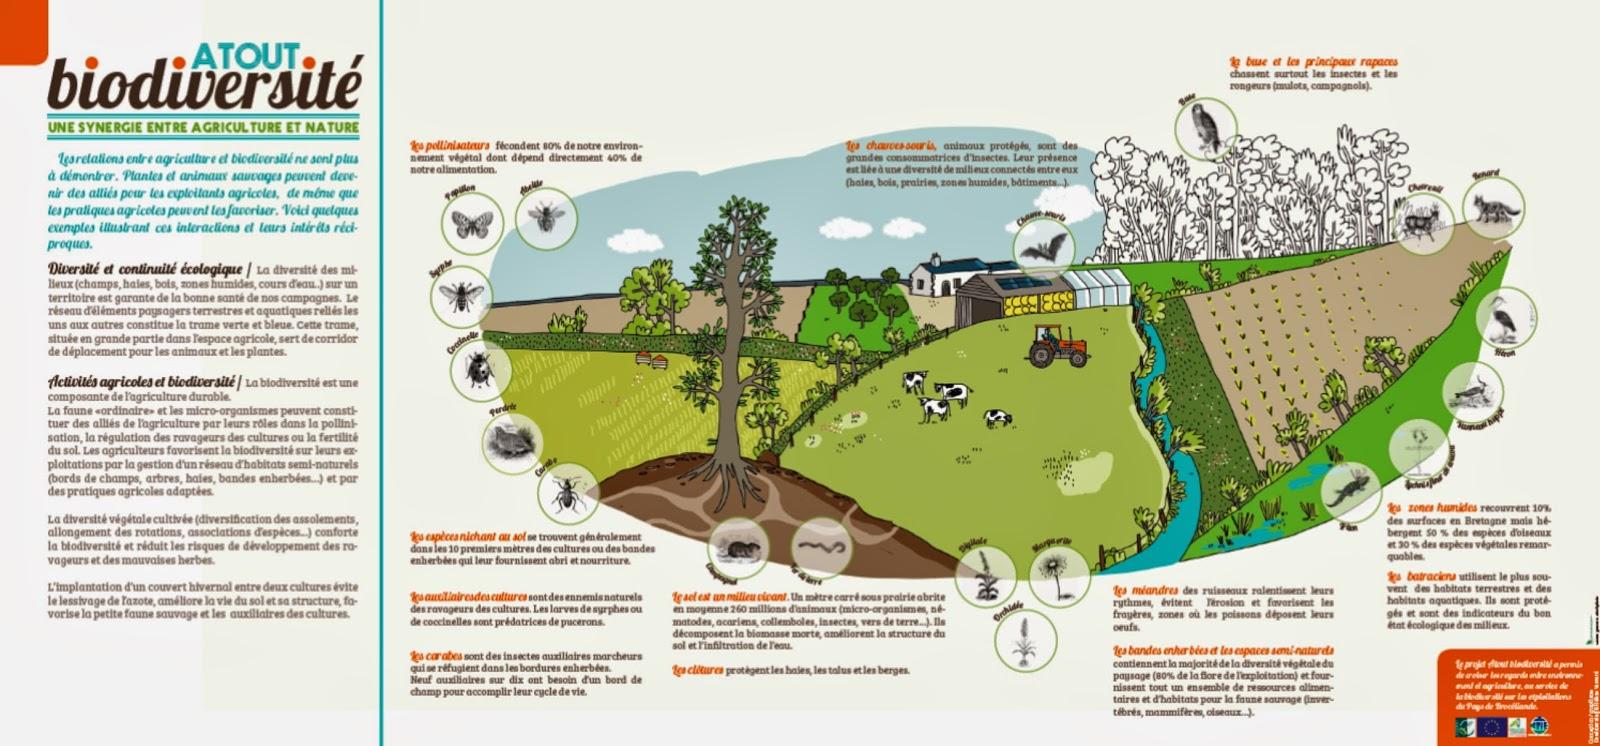 CPIE FORET DE BROCELIANDE, En Partenariat Avec La Chambre Du0027Agriculture Du0027 Ille Et Vilaine | Affiche Atout Biodiversité à Destination Des Agriculteurs  ...